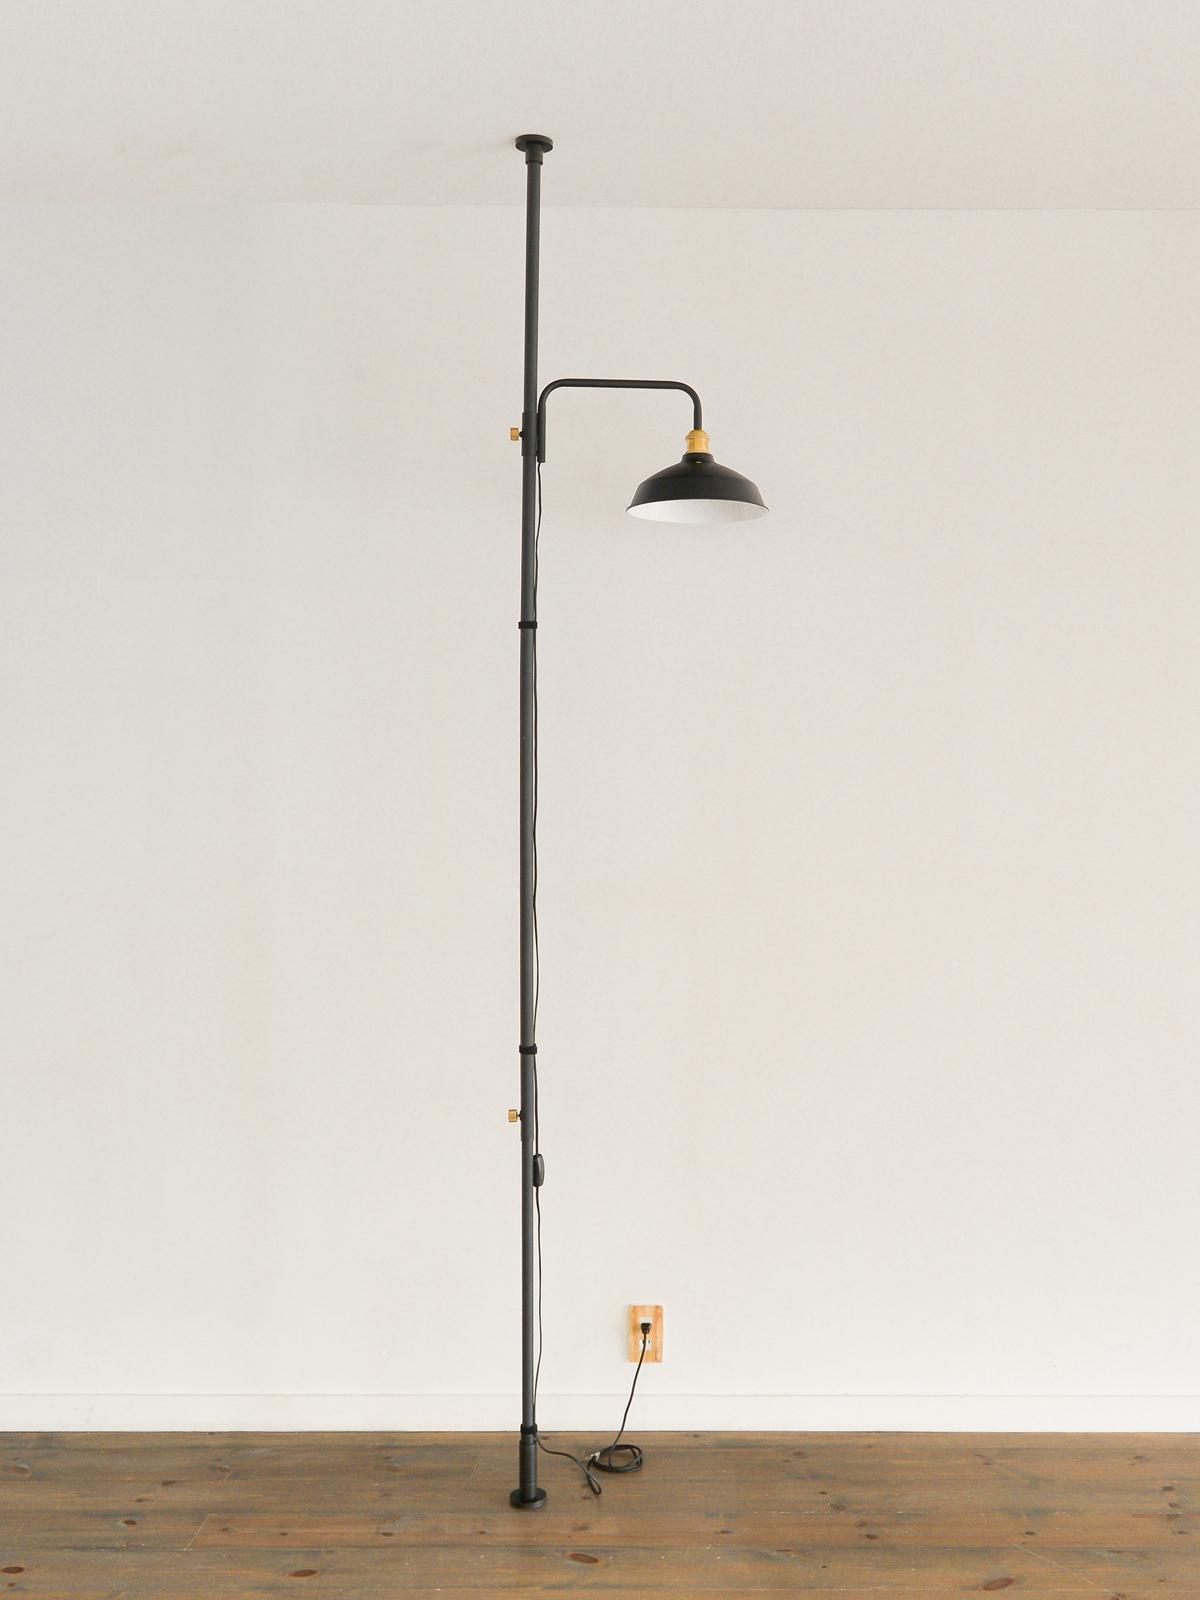 「ポール」にセットするだけで、あっという間に『プチ書斎』が完成。照明とテーブルがセットできる「つっぱり棒」|DRAW A LINE ランプシリーズ